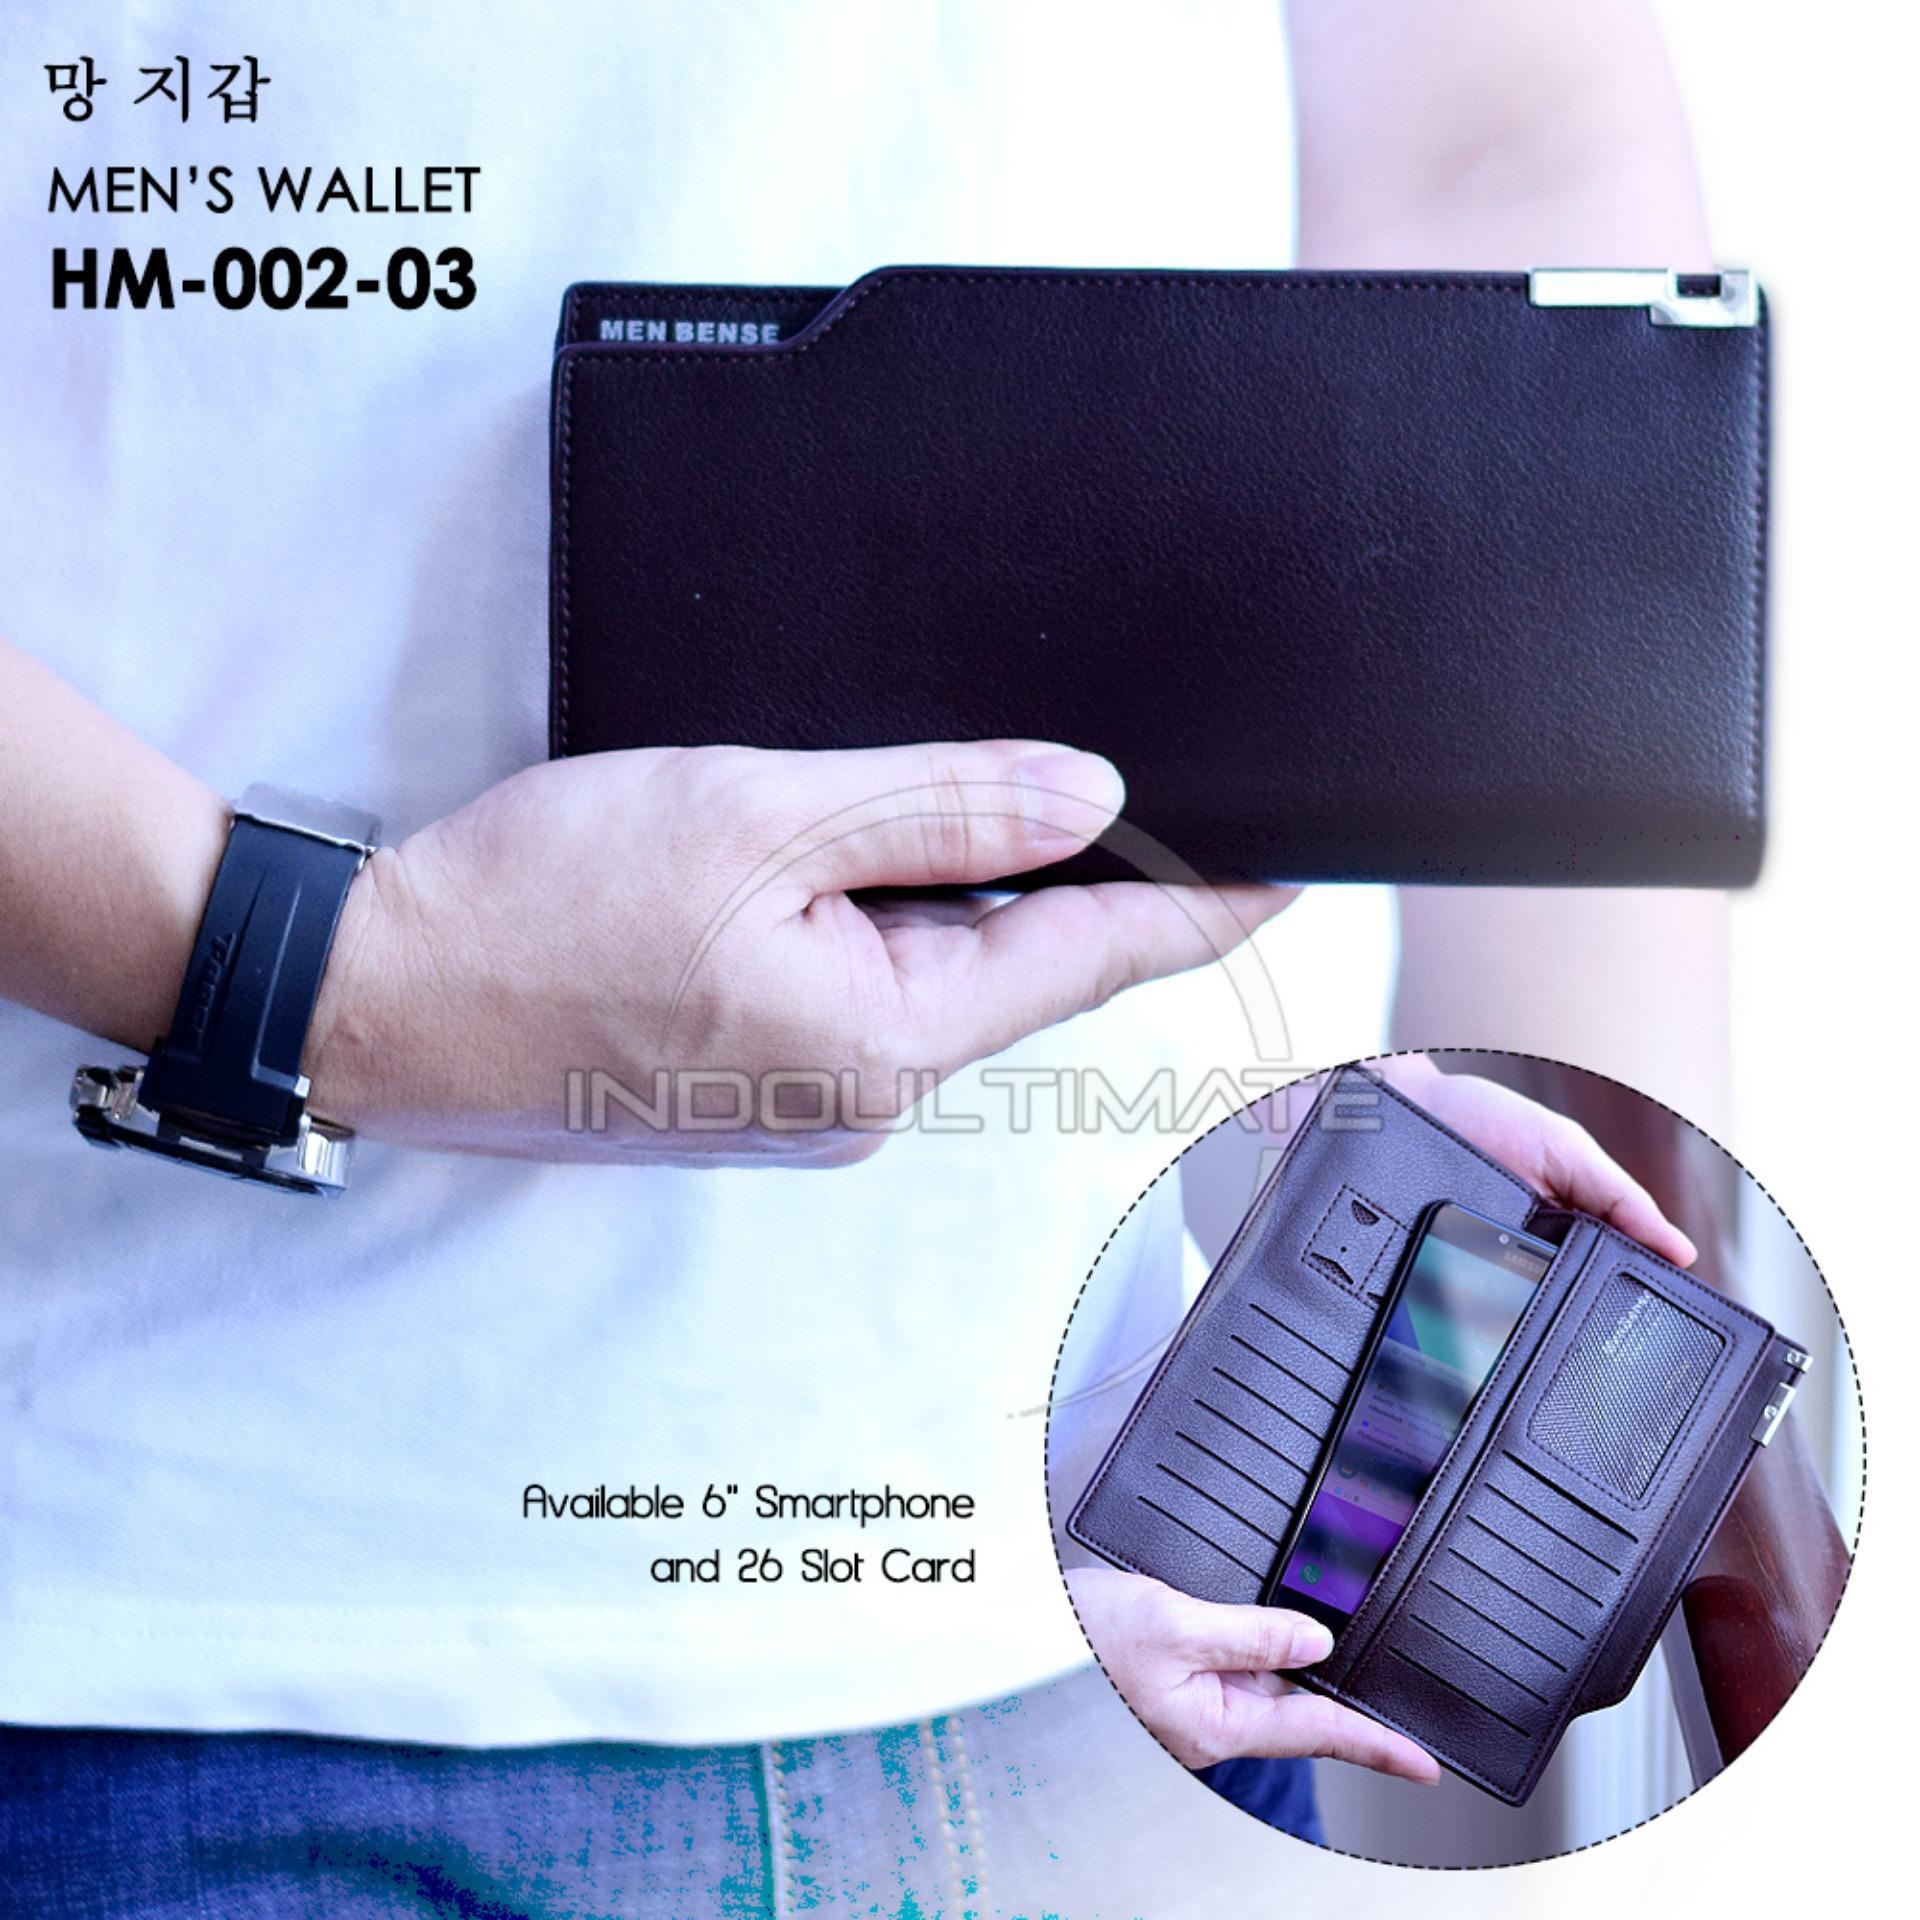 Ultimate Dompet Pria HM-MBS-002-03 - Black / Dompet Cowok Kartu ATM Panjang Lipat Kulit Import Murah